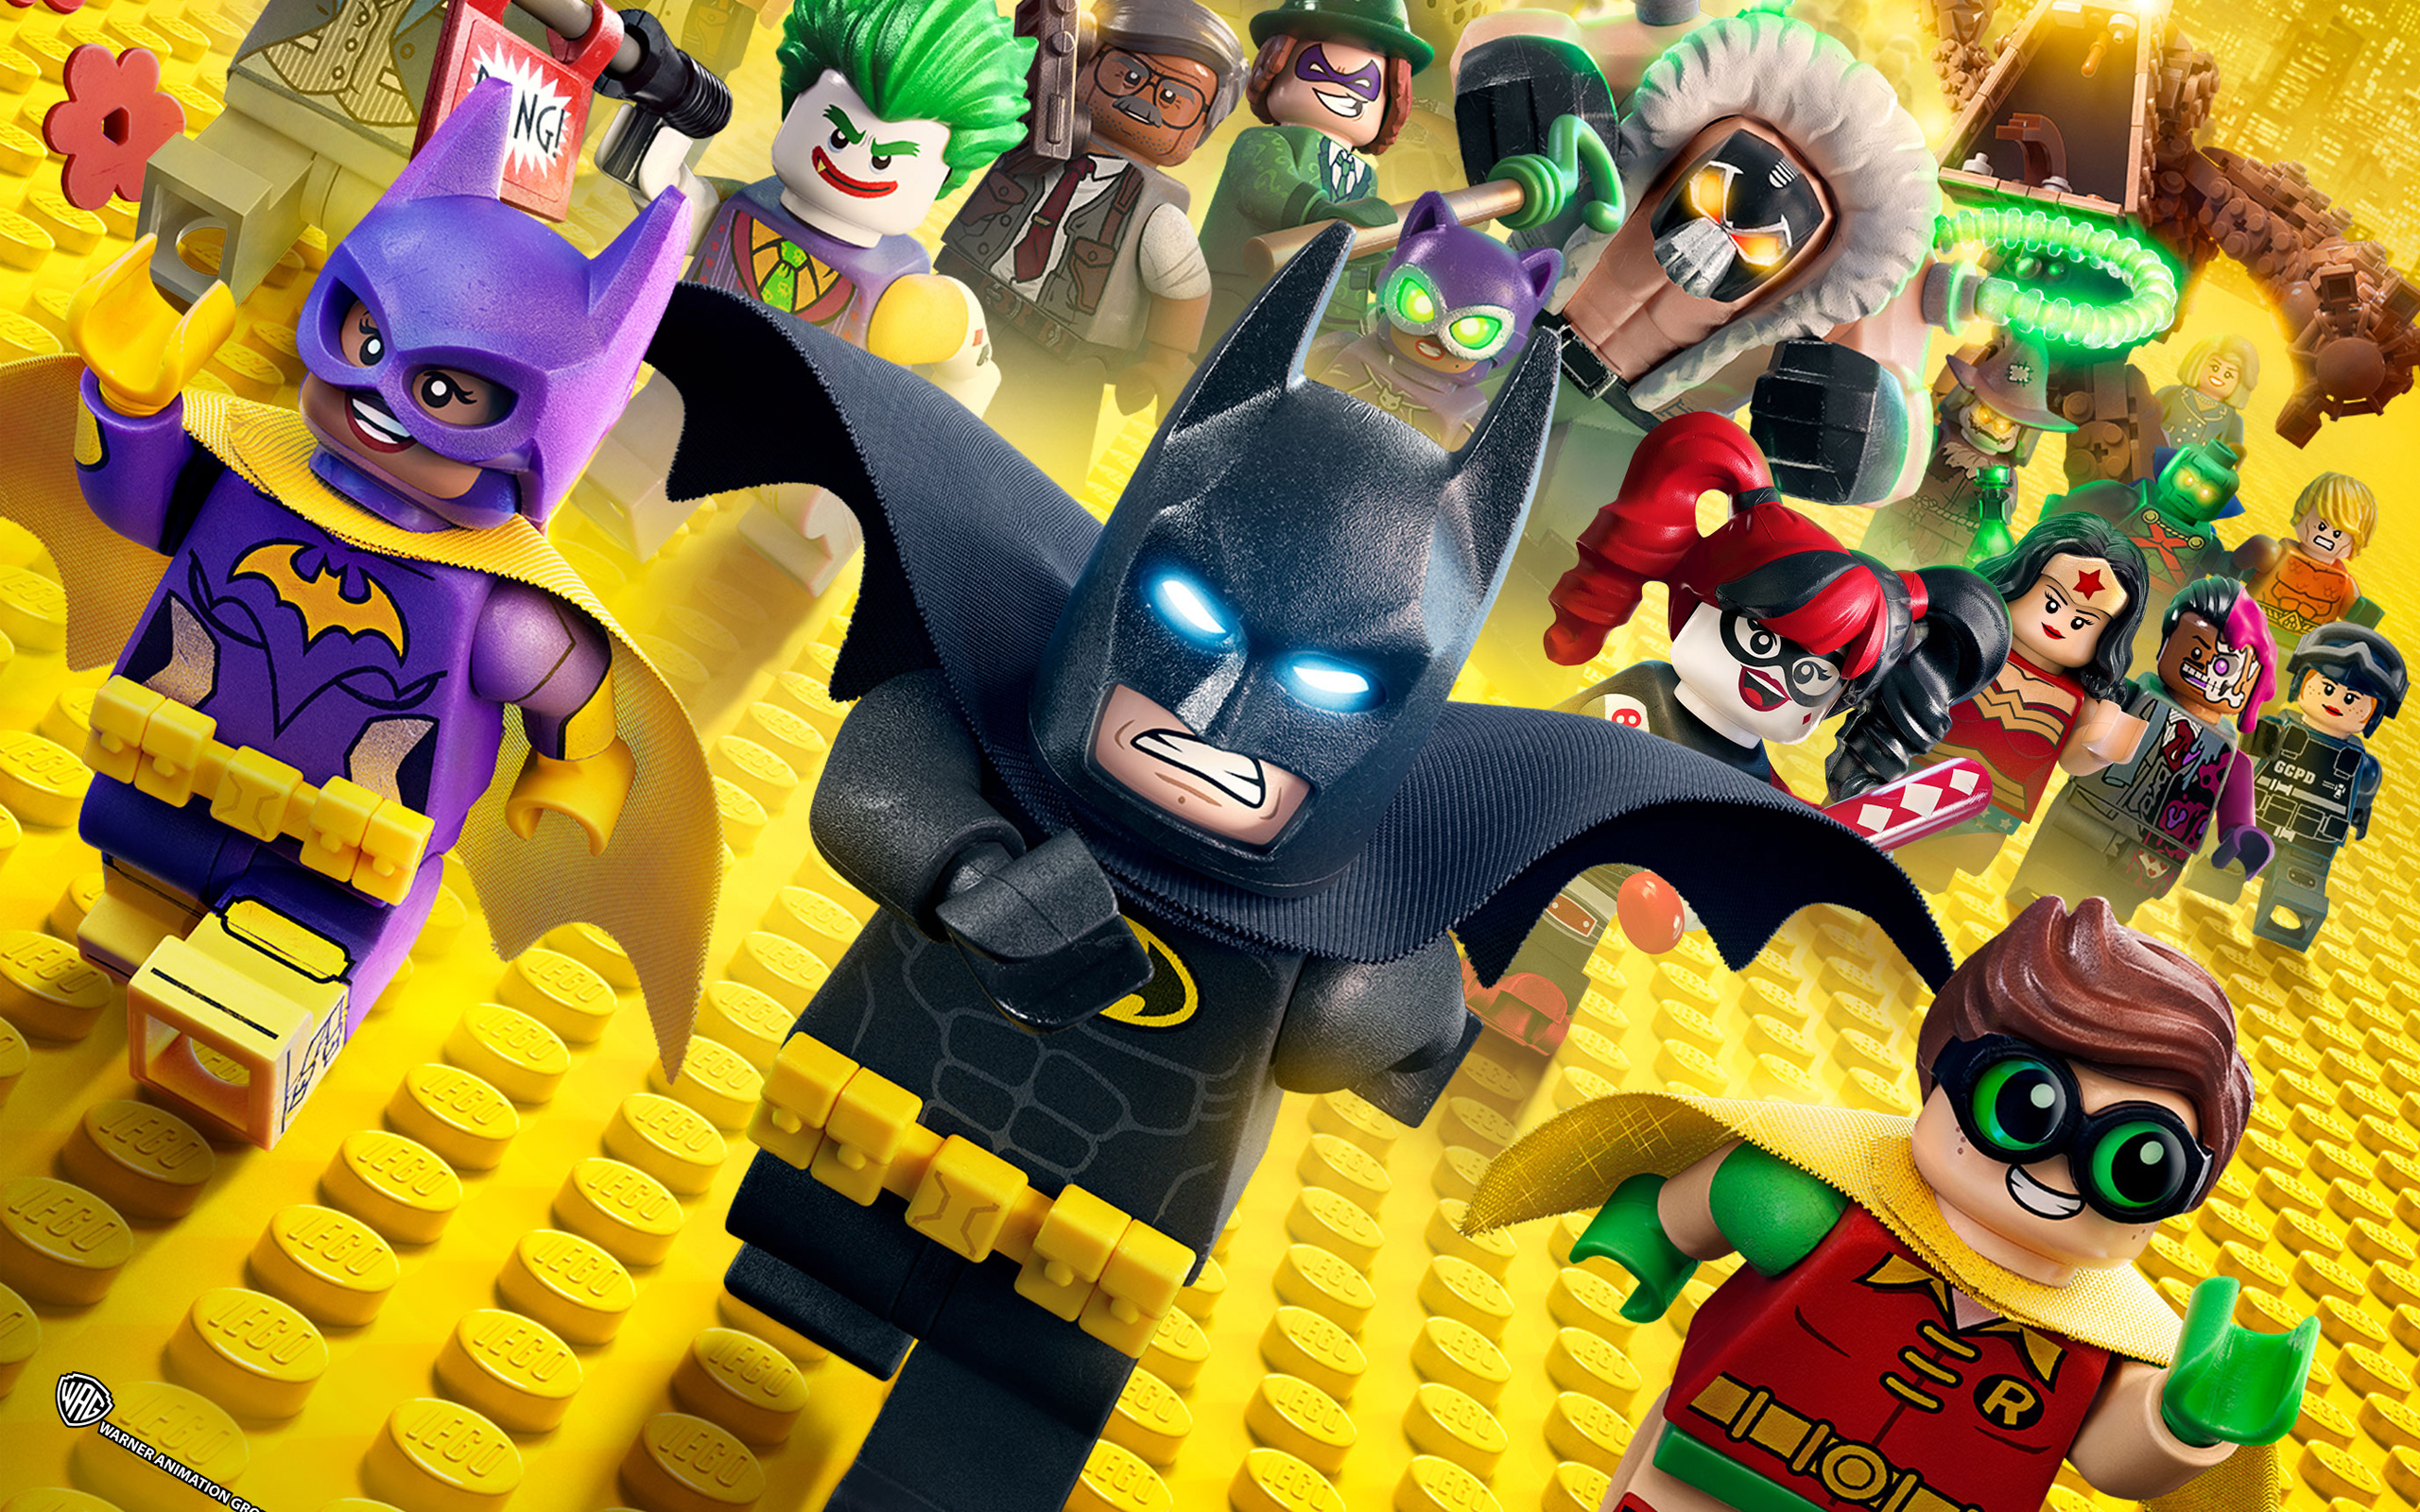 Lego Wallpaper Hd Posted By John Peltier